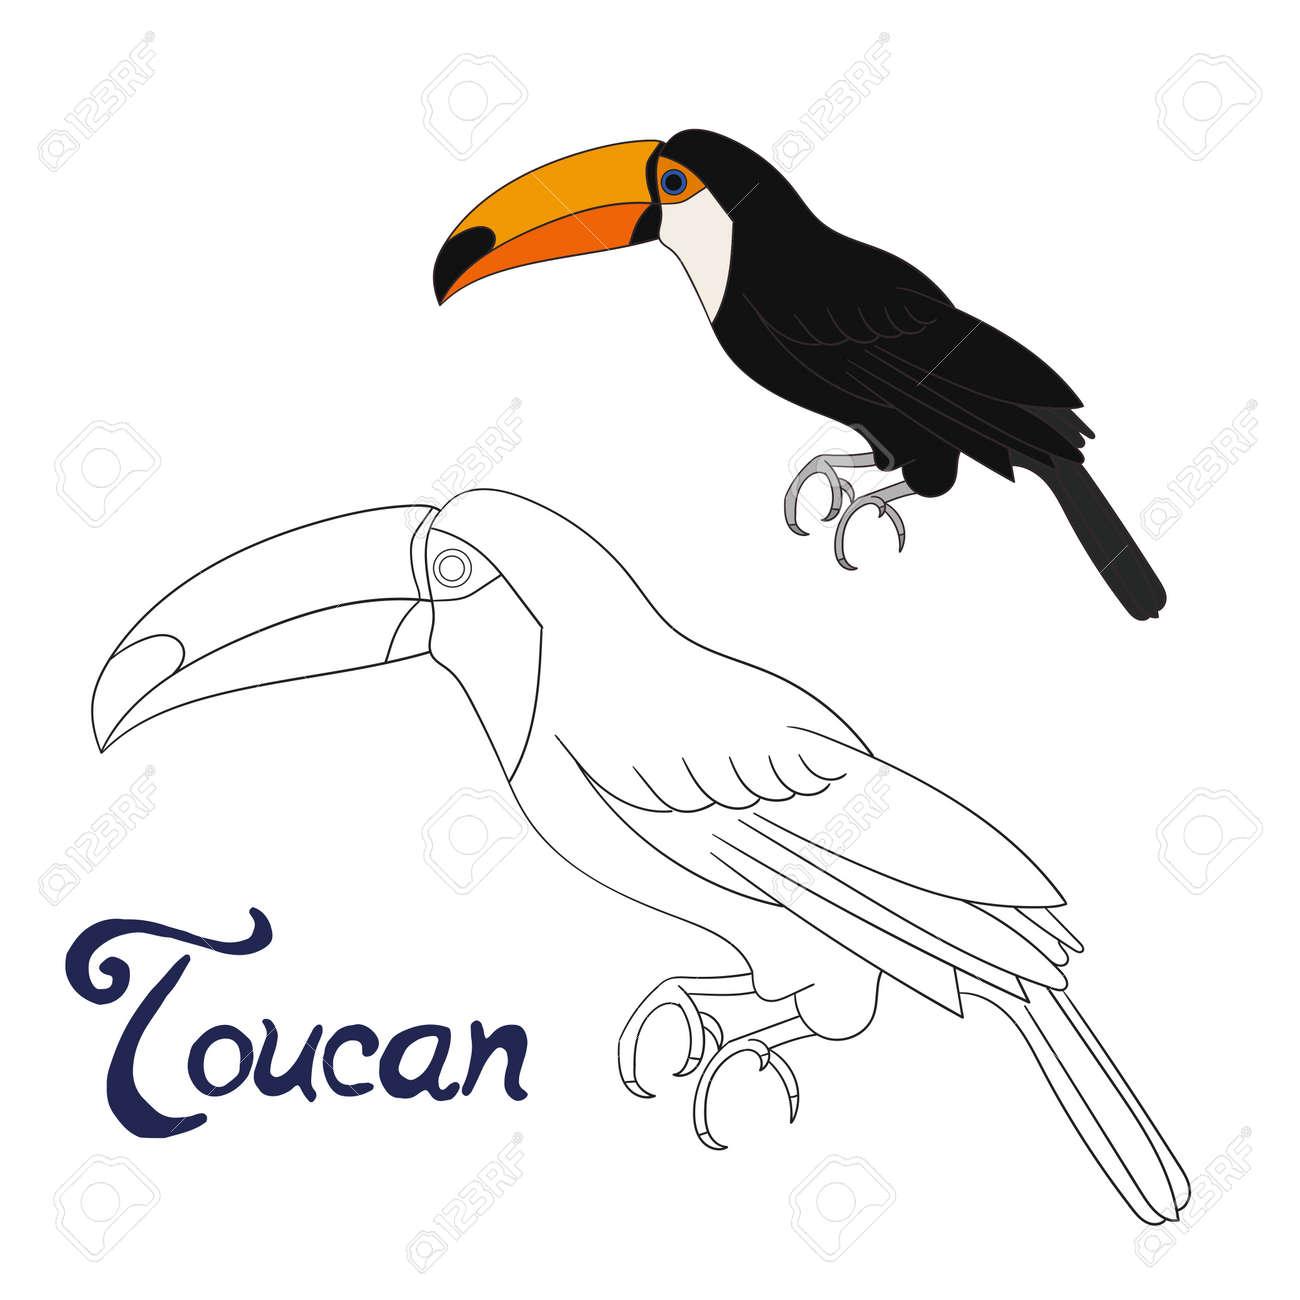 Educación Para Colorear Juego Pájaro Tucán Bosquejo De Dibujos Animados A Mano Ilustración Vectorial Dibujado